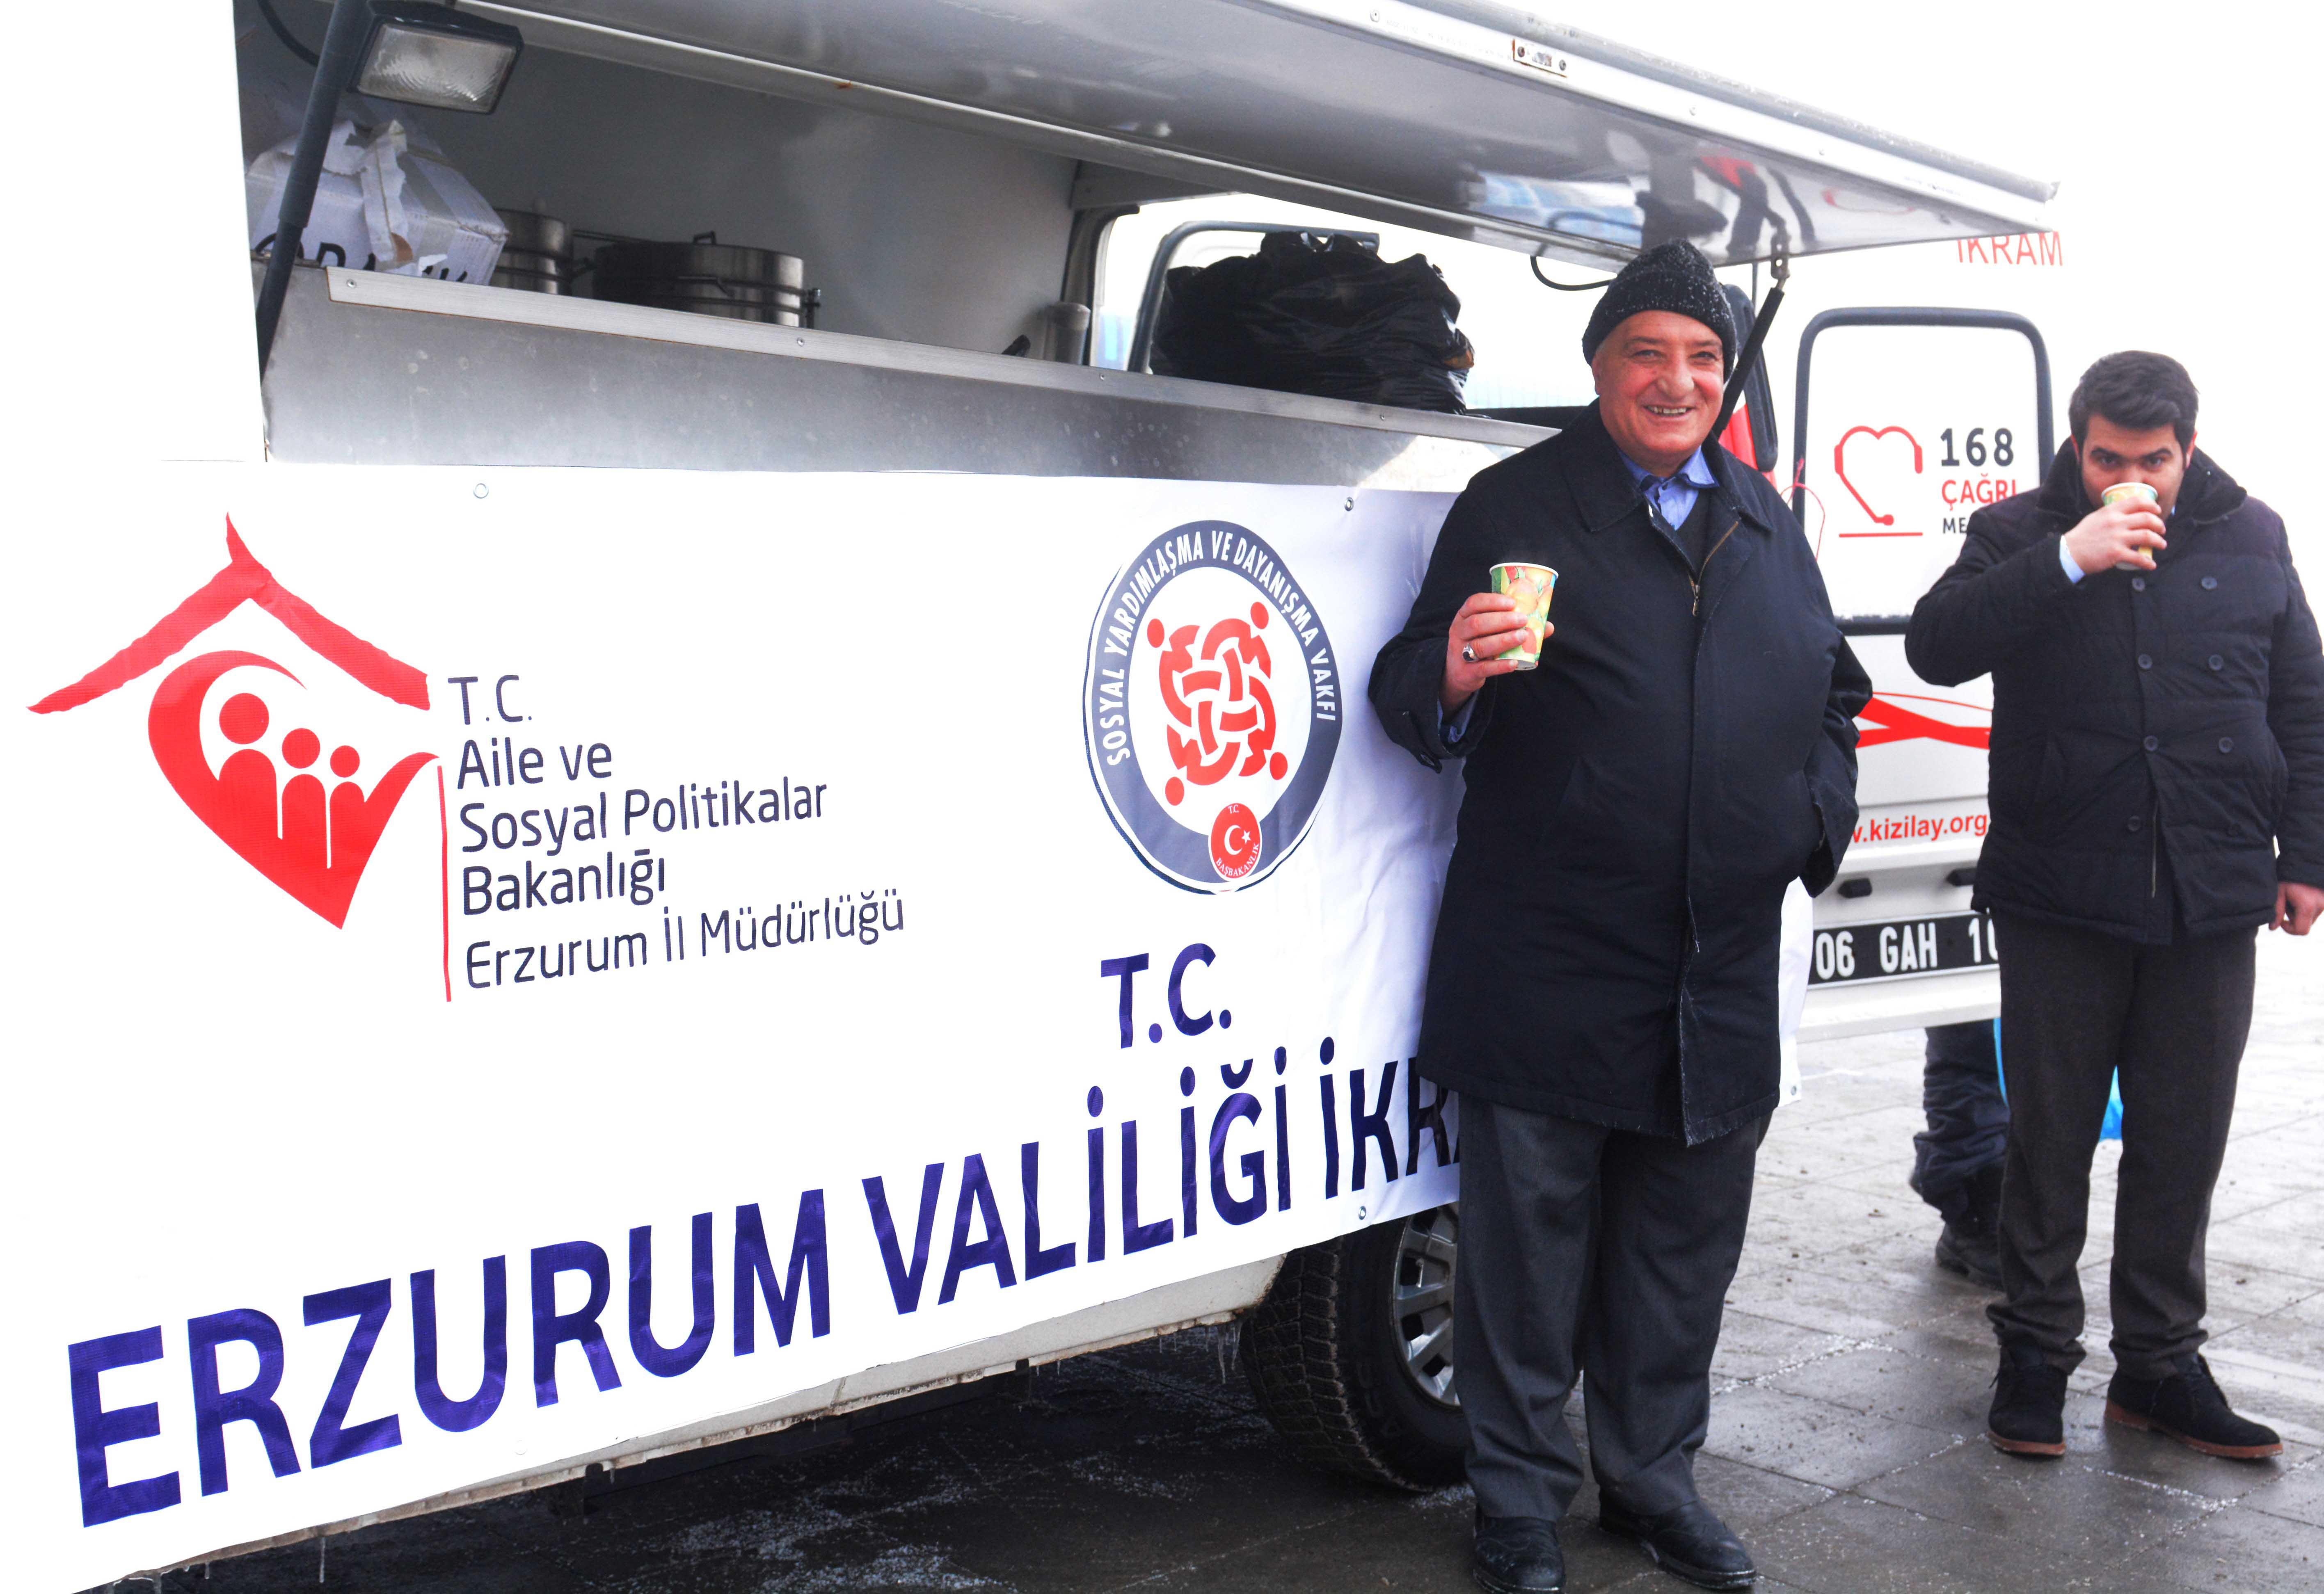 Erzurum Valiliğince vatandaşlara ücretsiz çorba dağıtılıyor